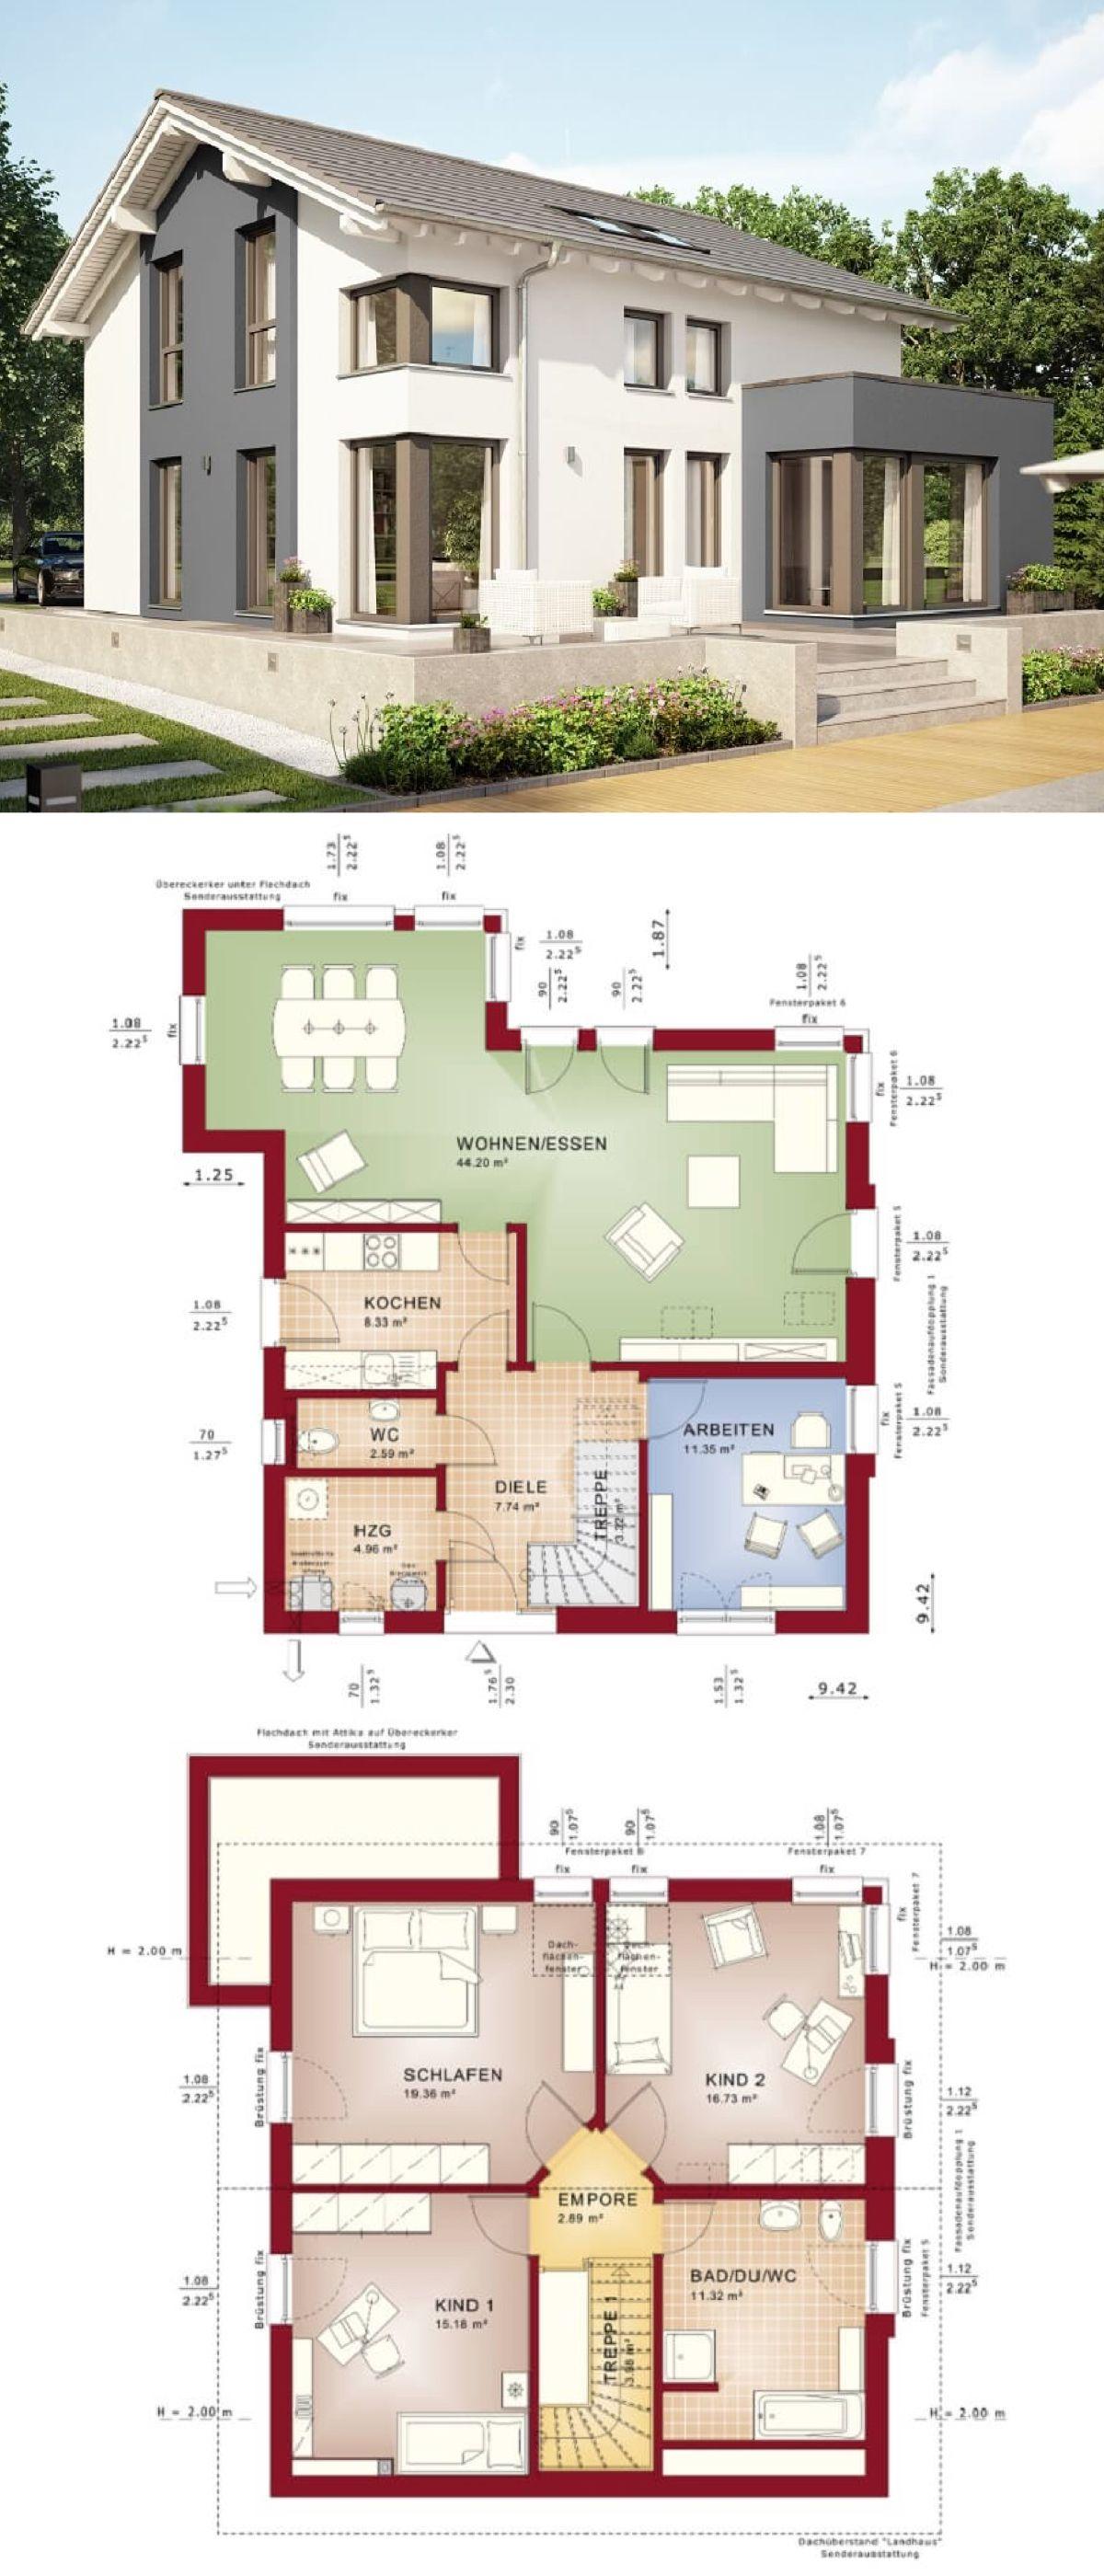 Amazing Einfamilienhaus Architektur Modern Mit Satteldach U0026 Erker Anbau   Haus Bauen  Grundriss Fertighaus Evolution 143 V7